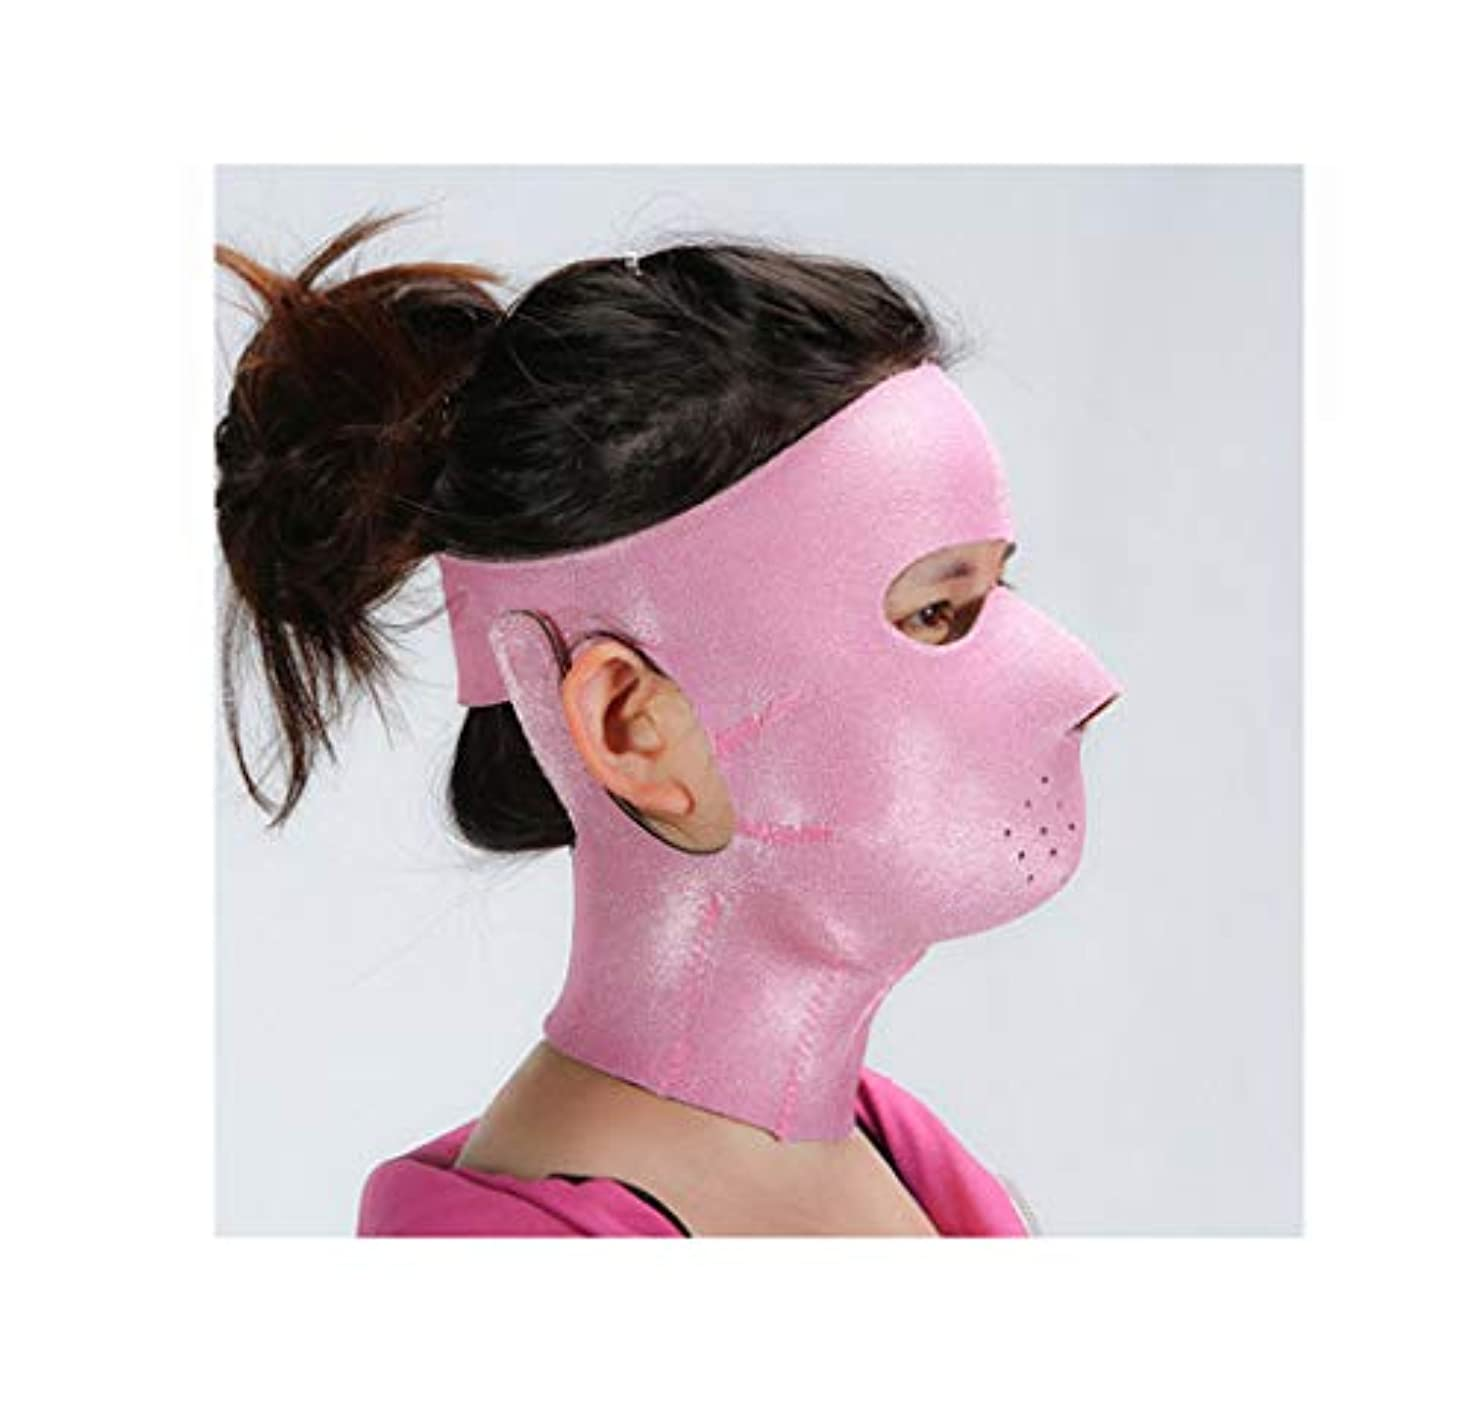 悪性腫瘍アトミックデザイナーGLJJQMY 薄い顔マスクマスクプラス薄いマスク引き締めアンチエイジング薄いマスク顔の薄い顔マスクアーティファクト美容ネックバンド 顔用整形マスク